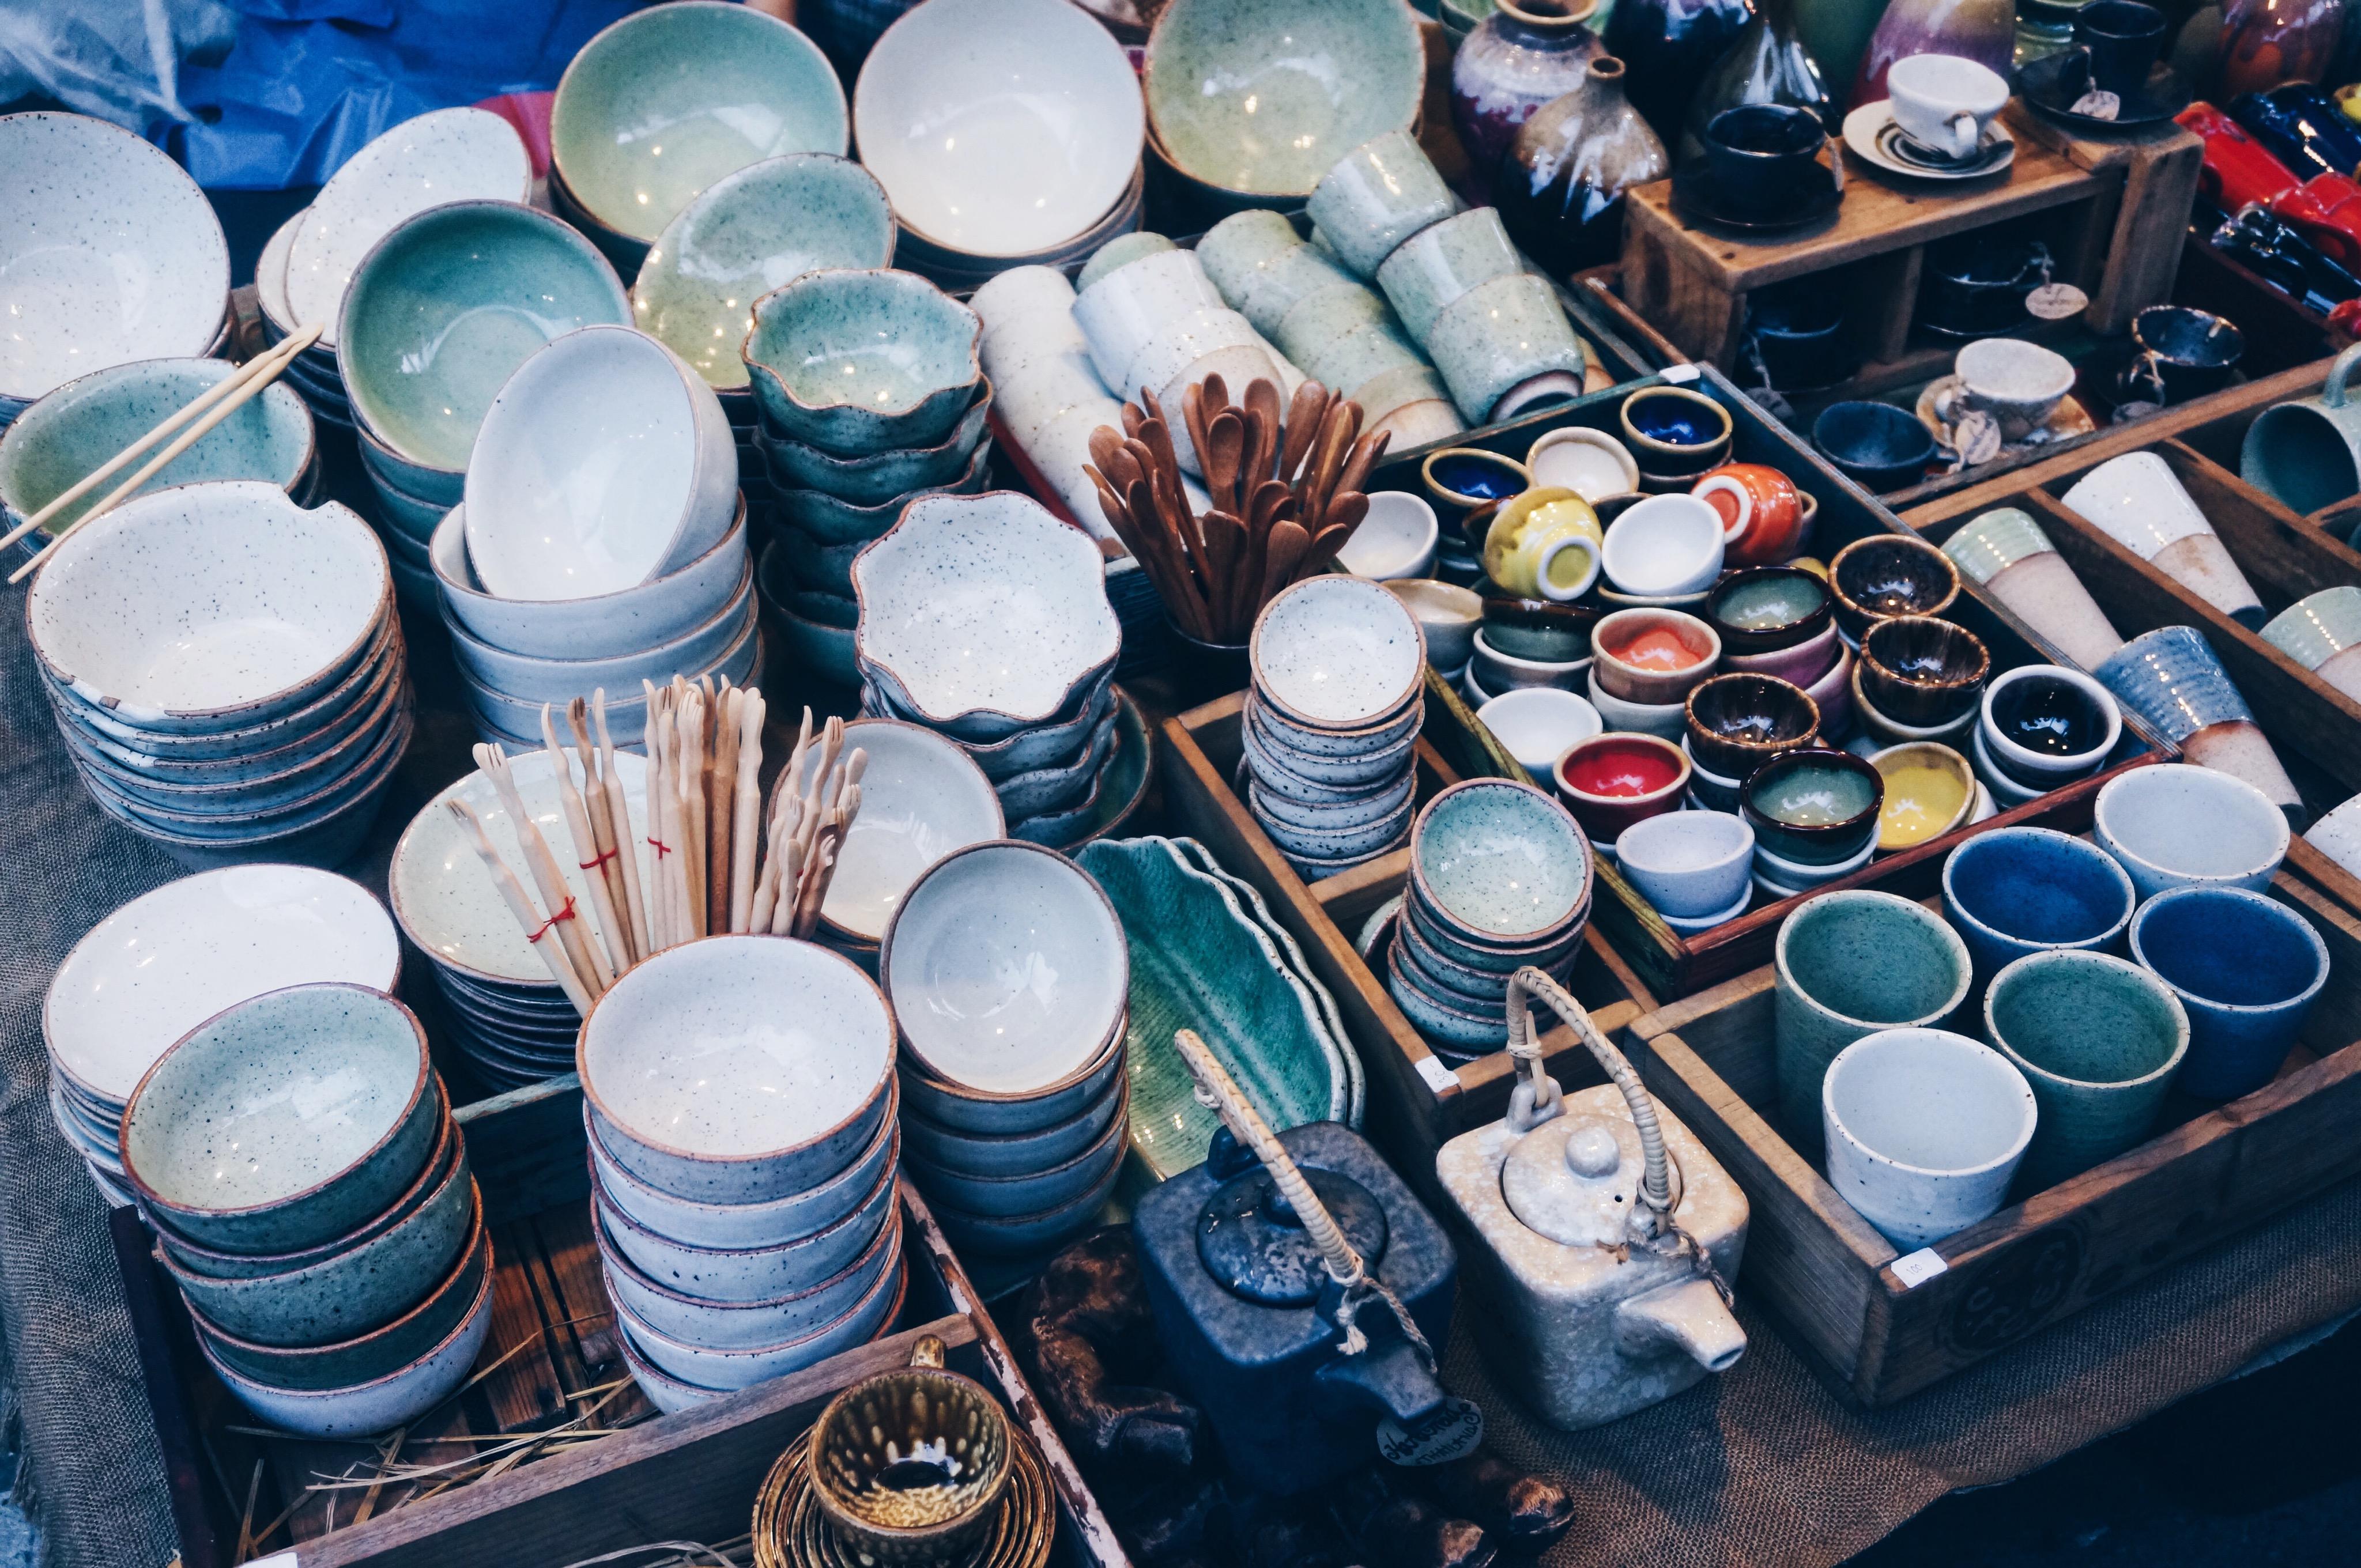 Keramik, Töpferwaren, Schalen, Thailändischer Markt